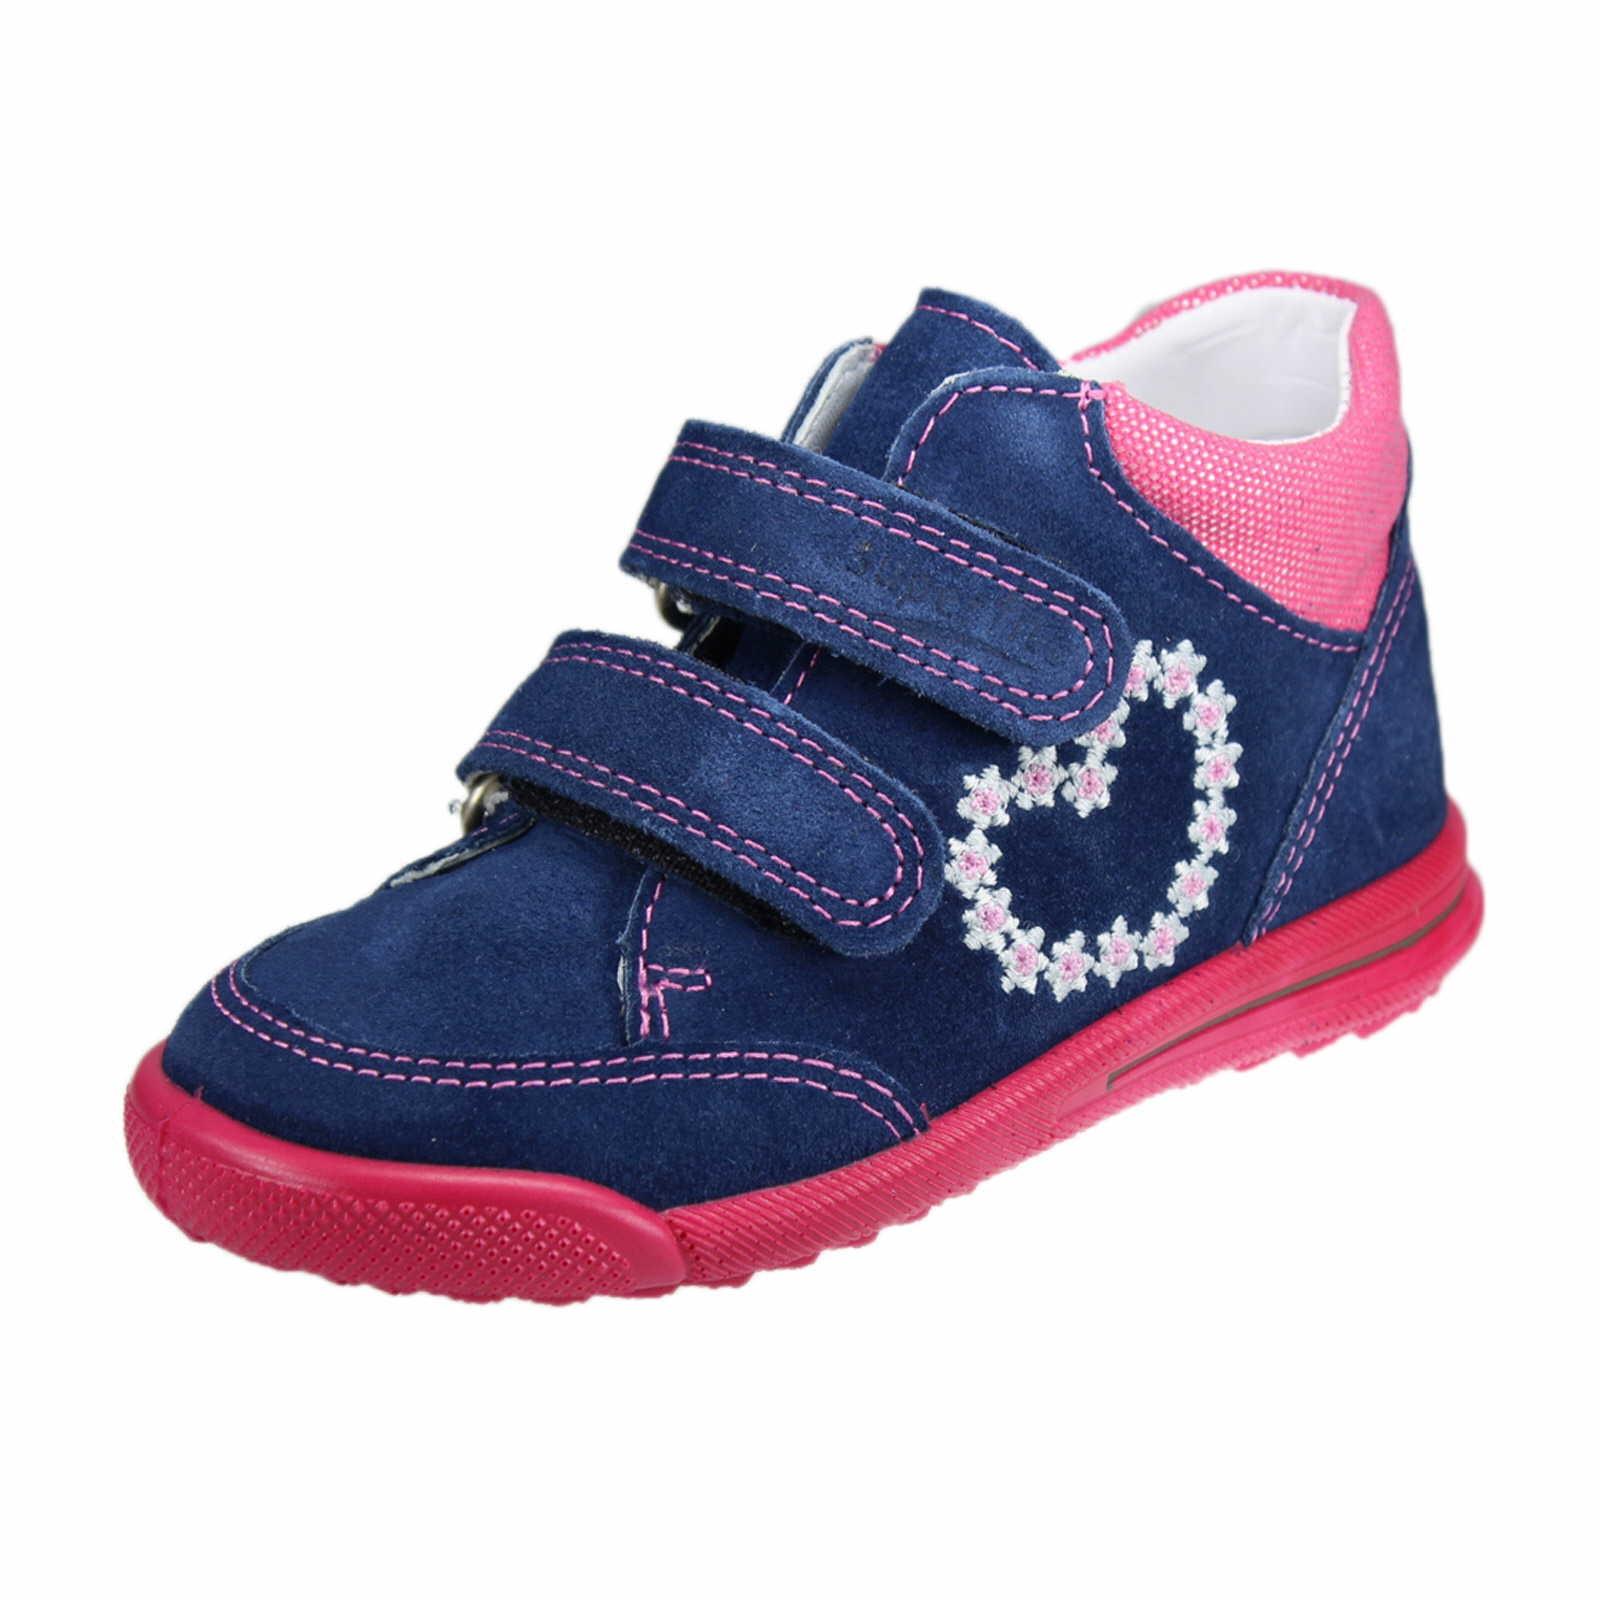 Dětské boty, superfit 2-00371-88